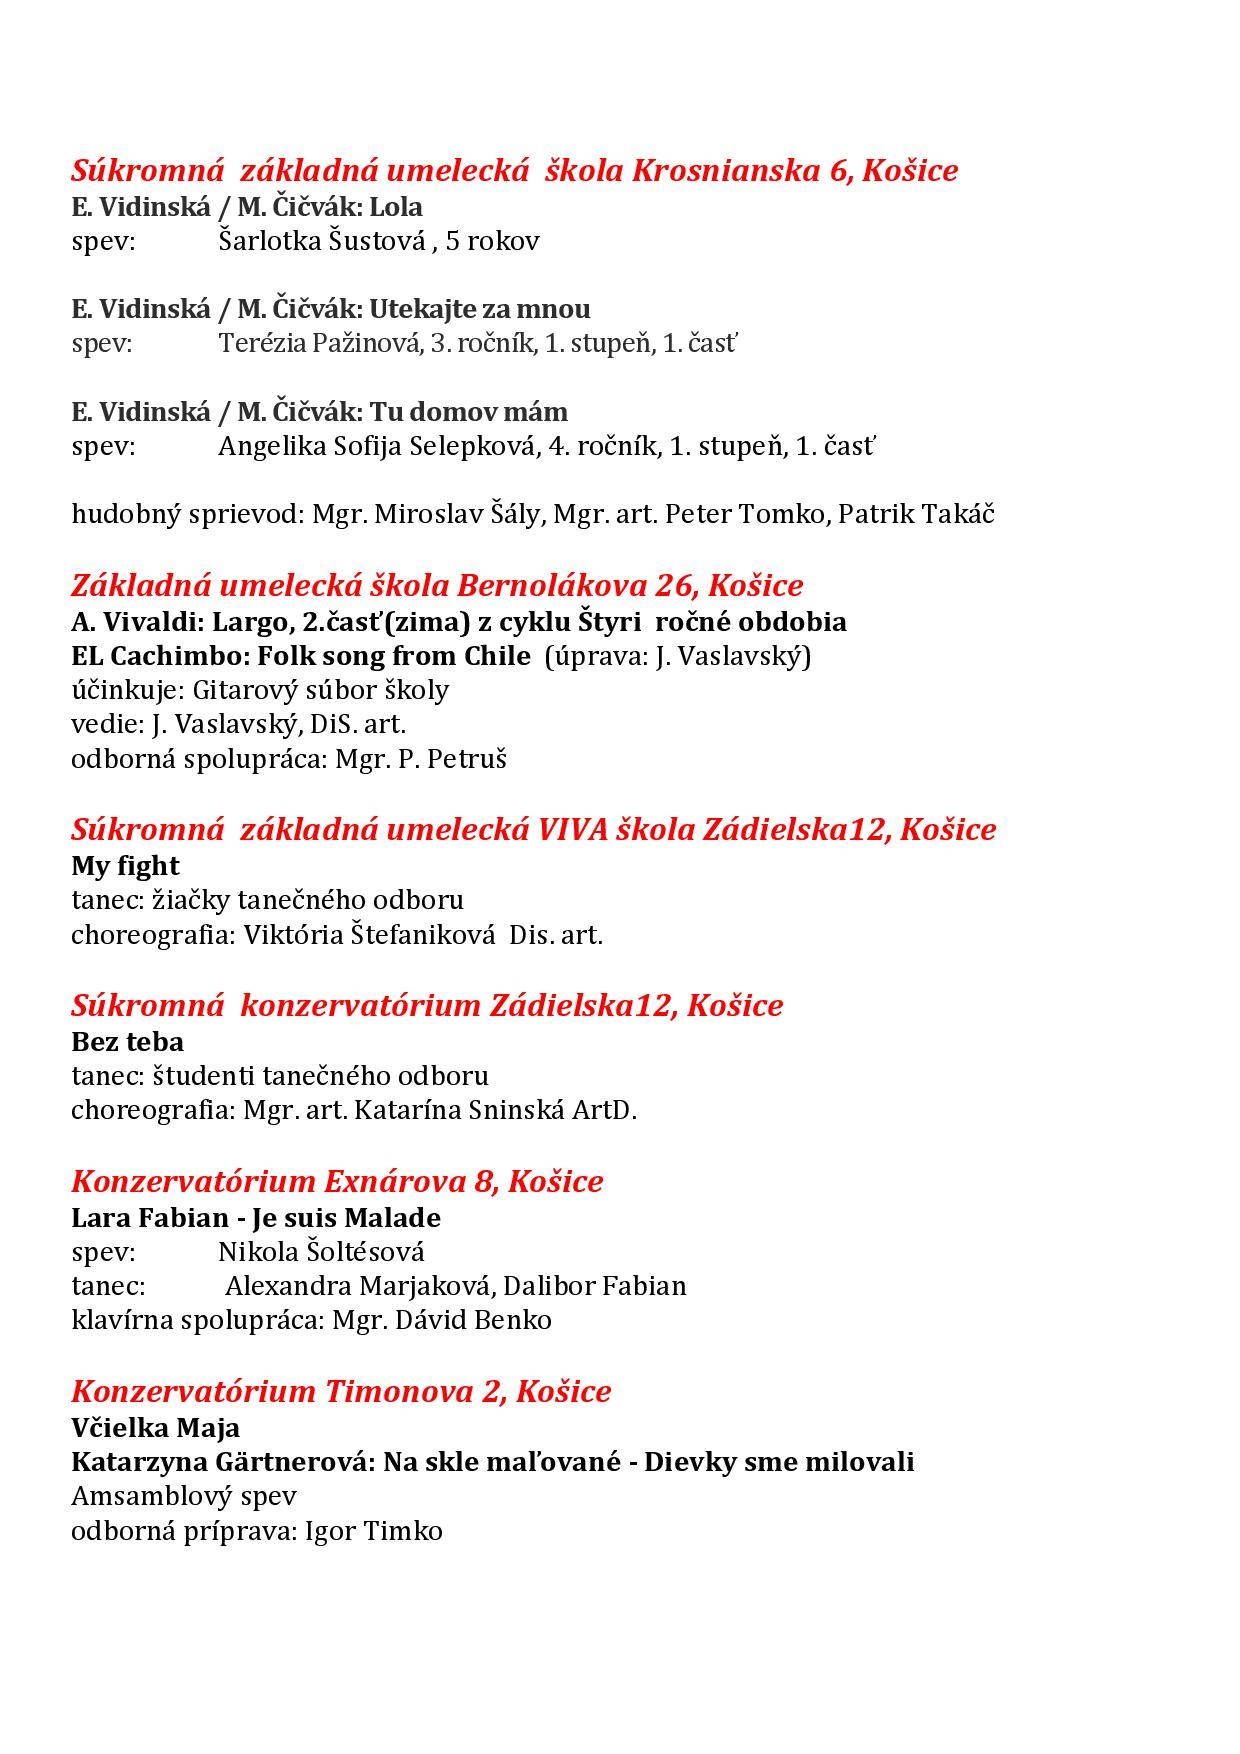 galakoncert_program_2015_page_003